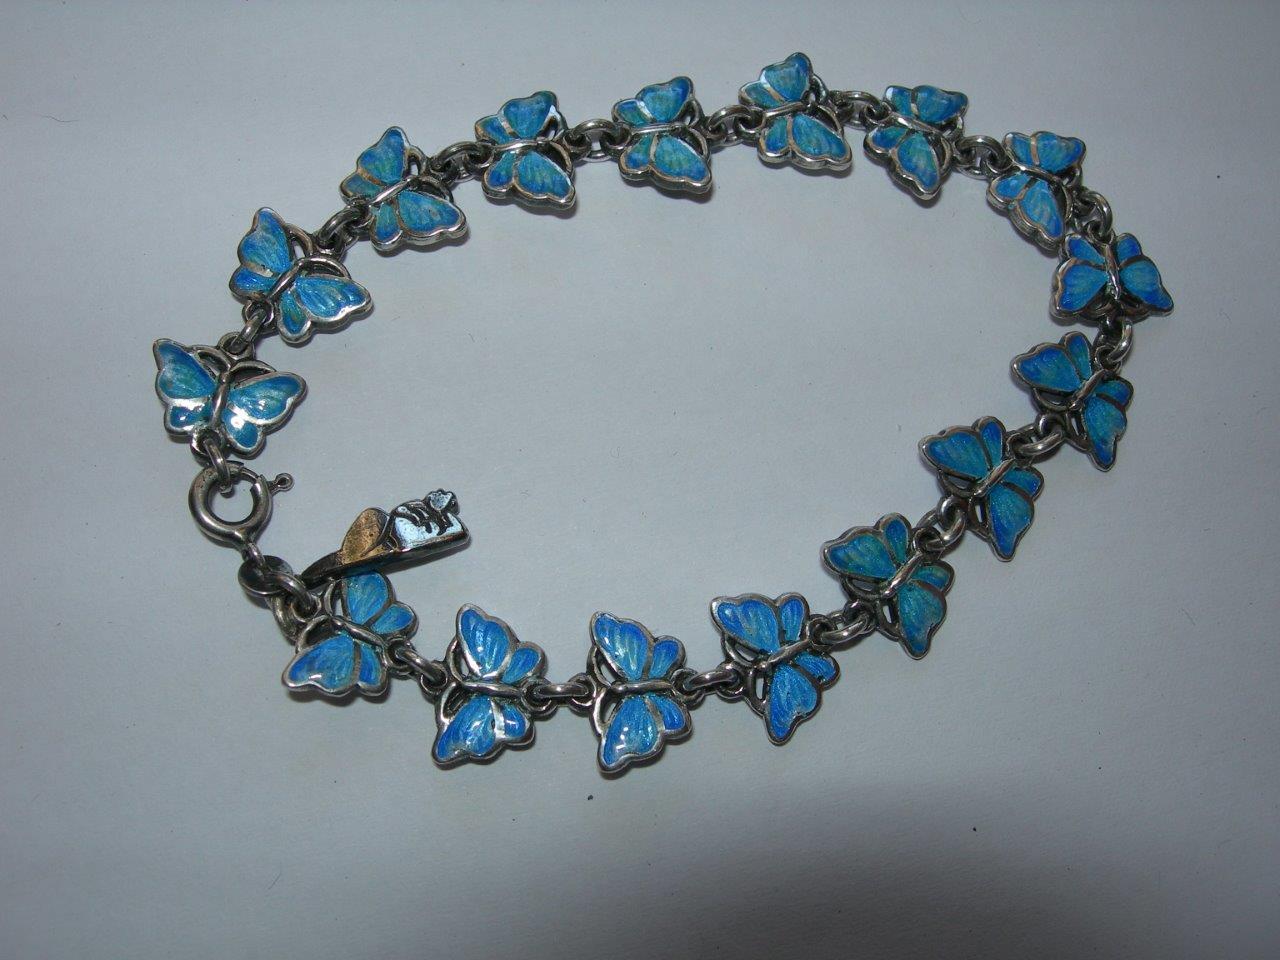 Butterfly bracelet in vitreous enamel and sterling silver